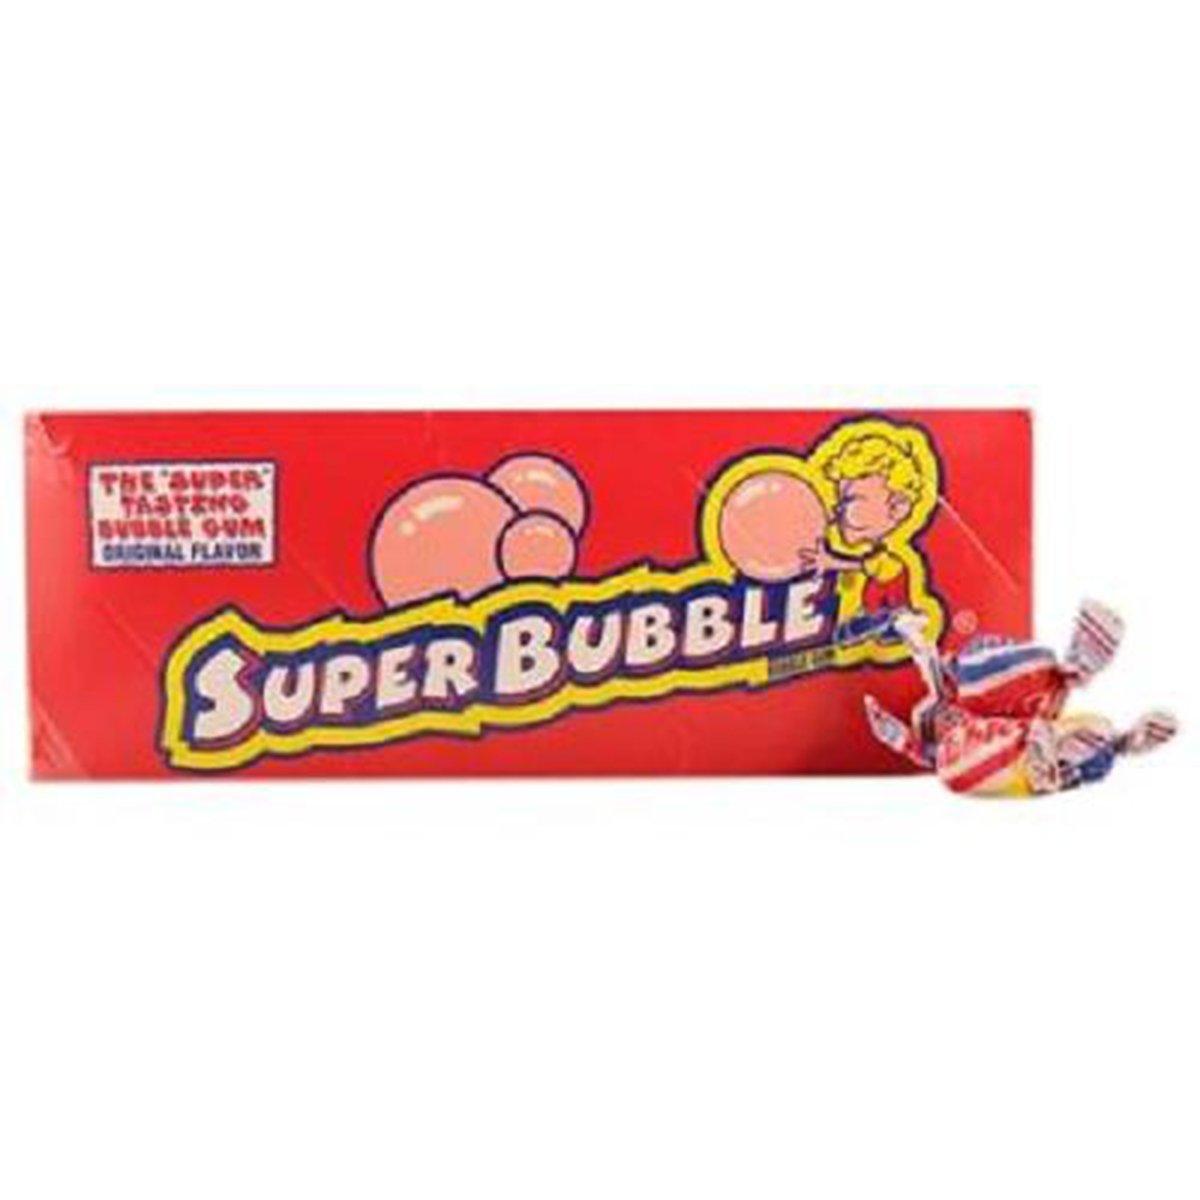 Super Bubble, Bubble Gum Original, Count 300 - Gum / Grab Varieties & Flavors